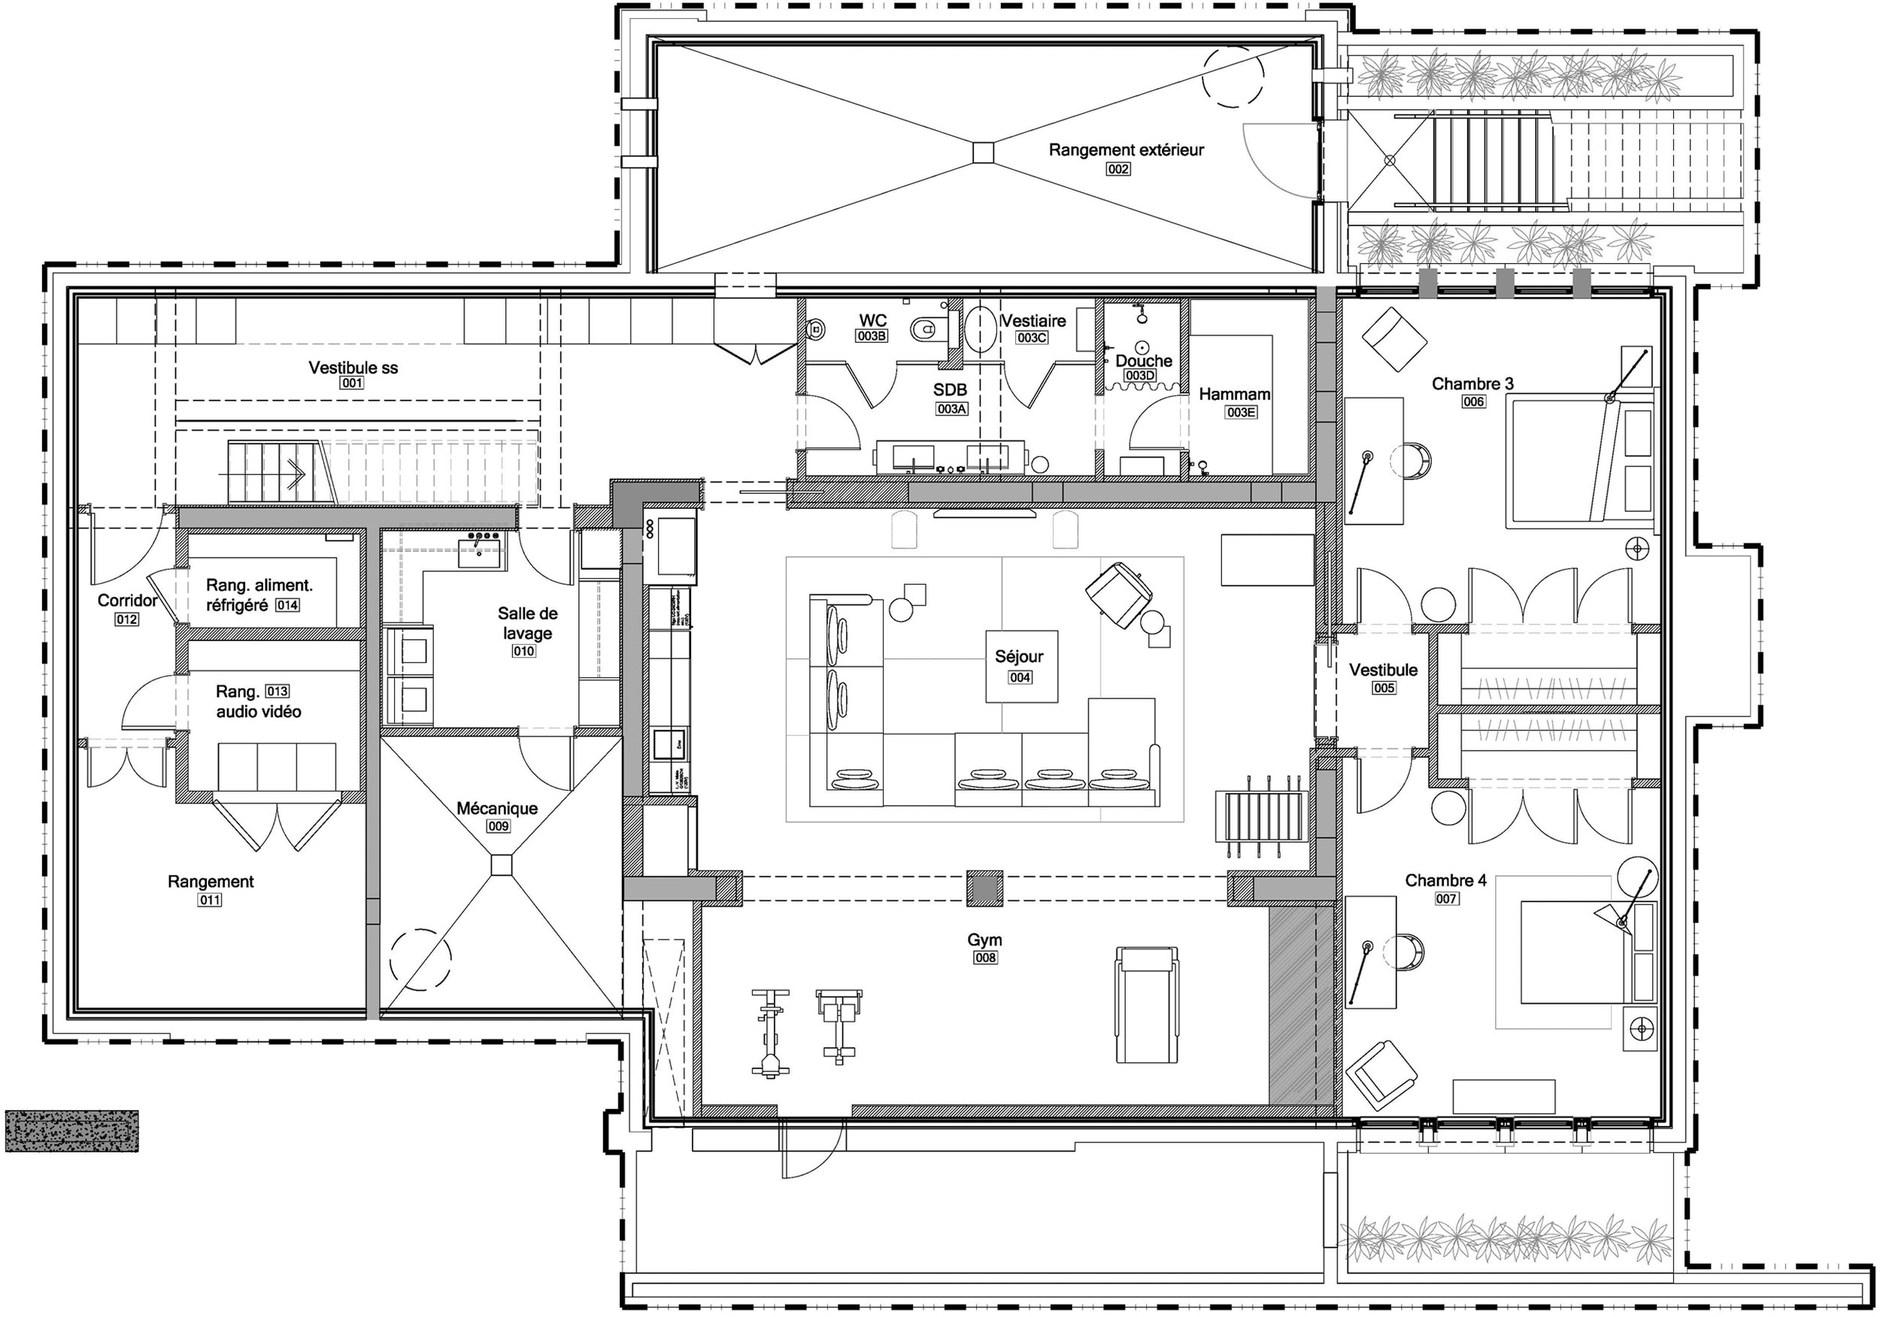 house plan sketch - Home Plan Sketch